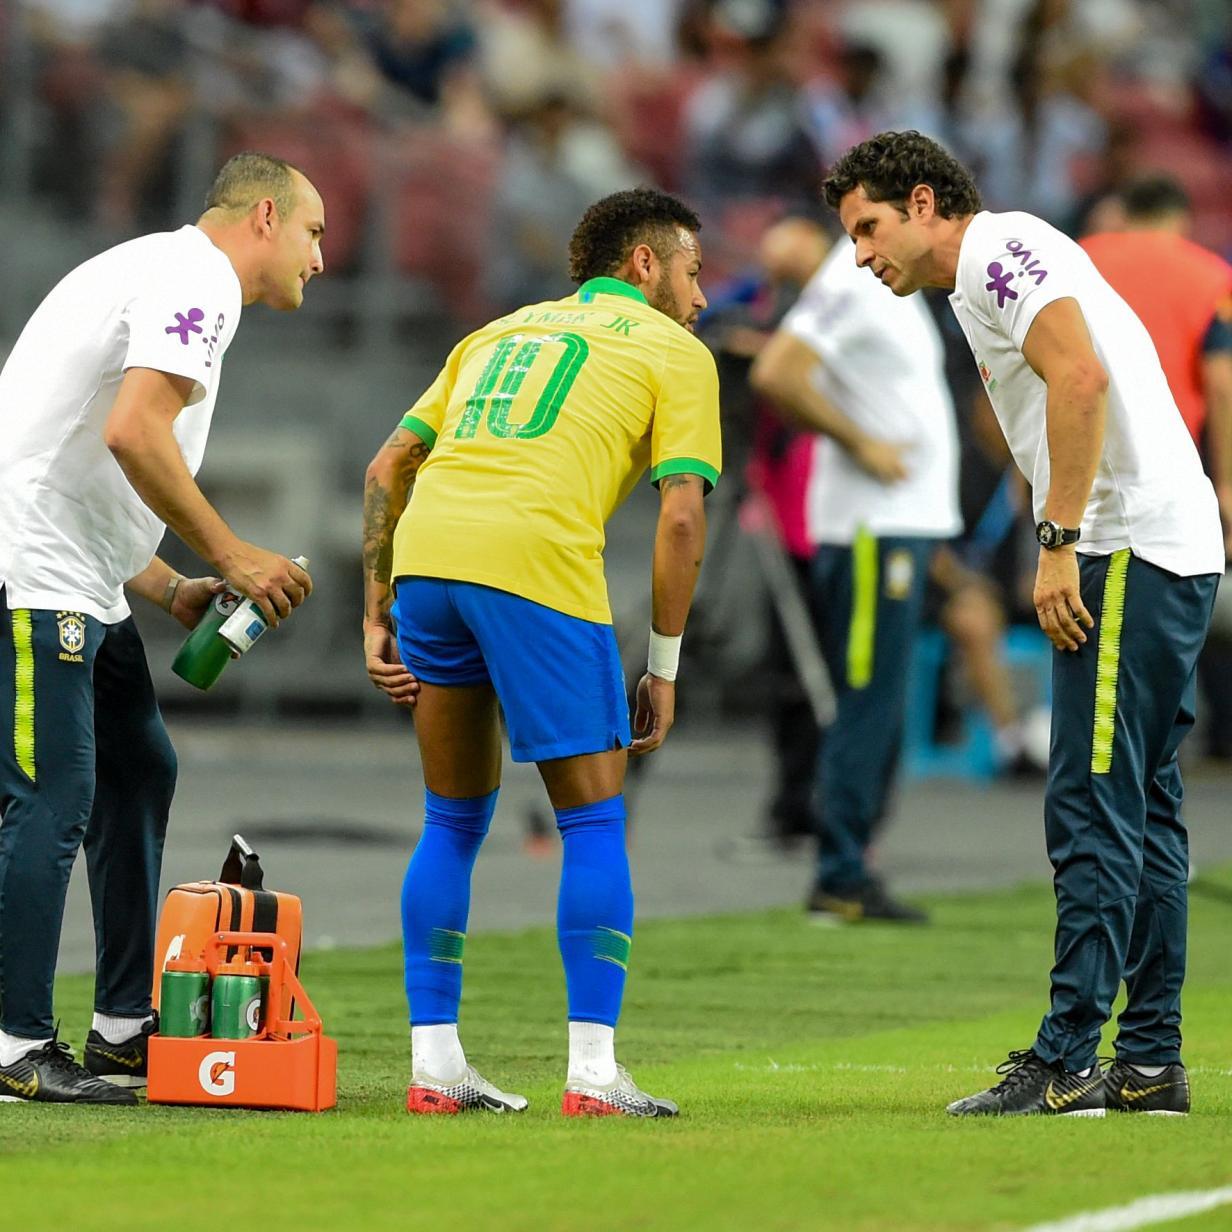 Vom Platz gehumpelt: Neymar bei Brasiliens 1:1 verletzt